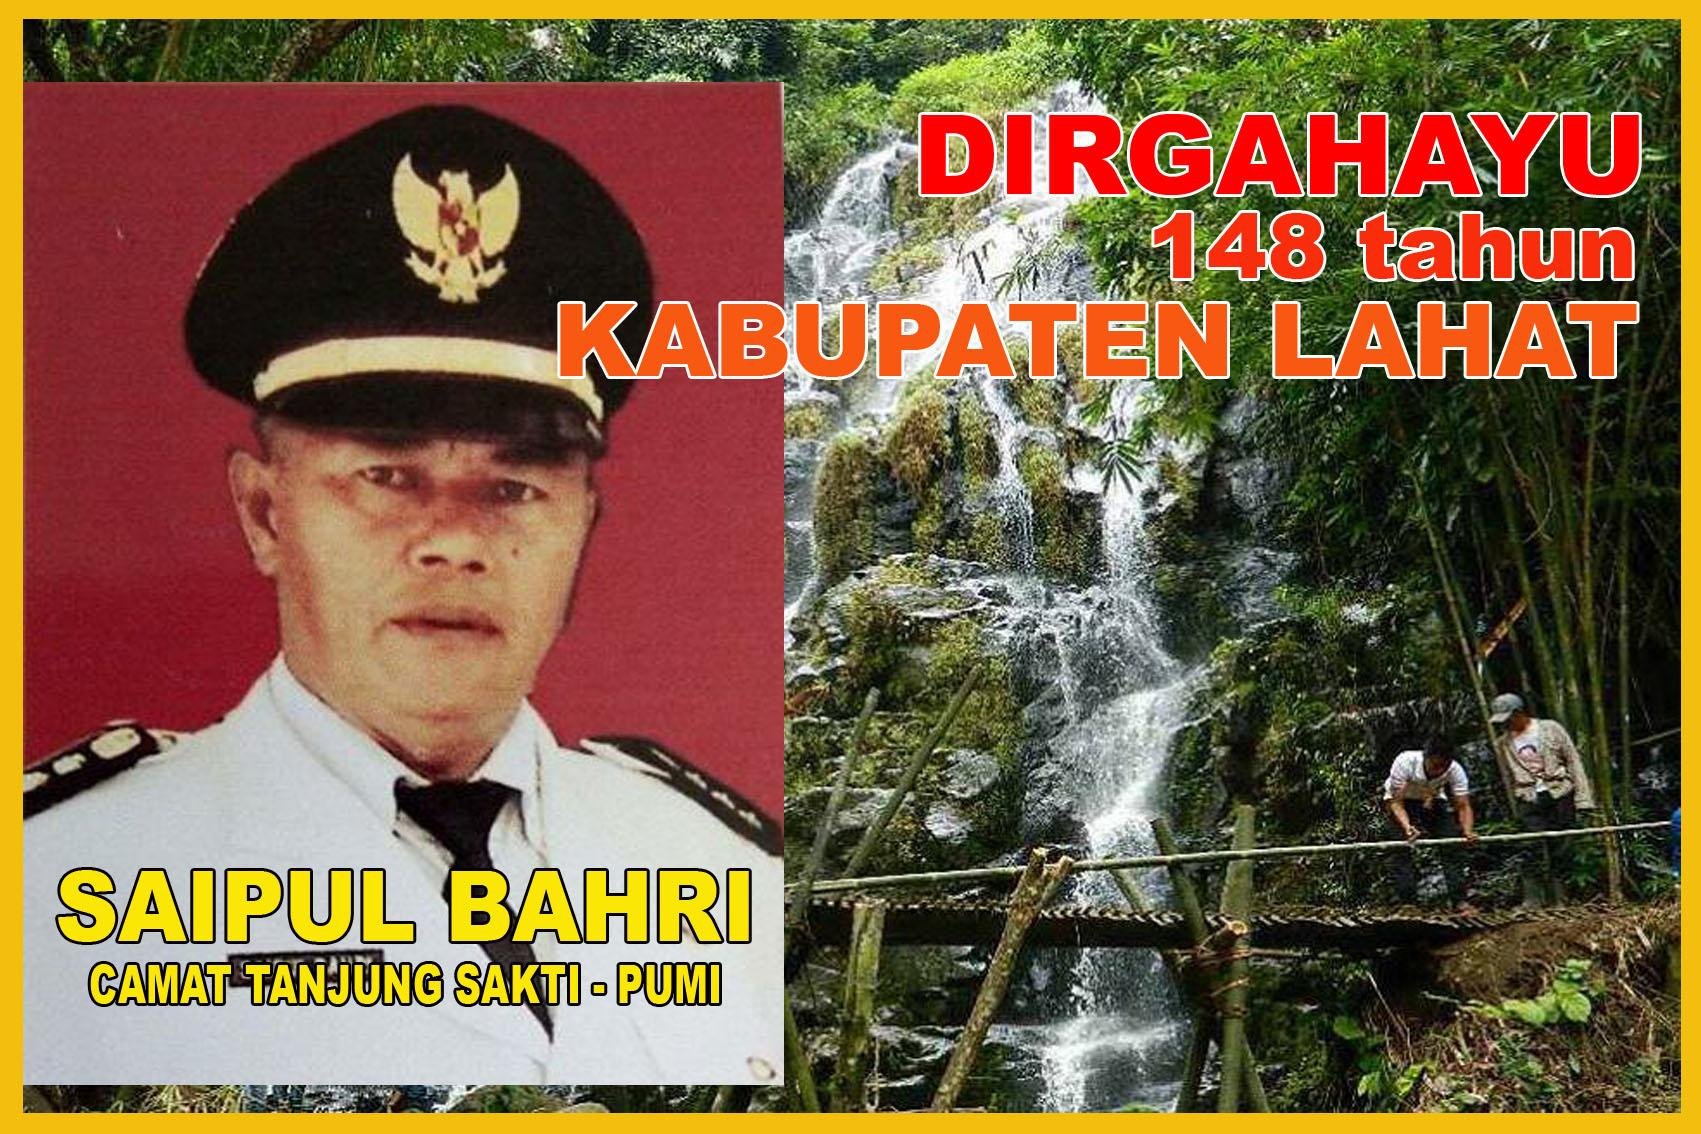 SAIPUL BAHRI 148